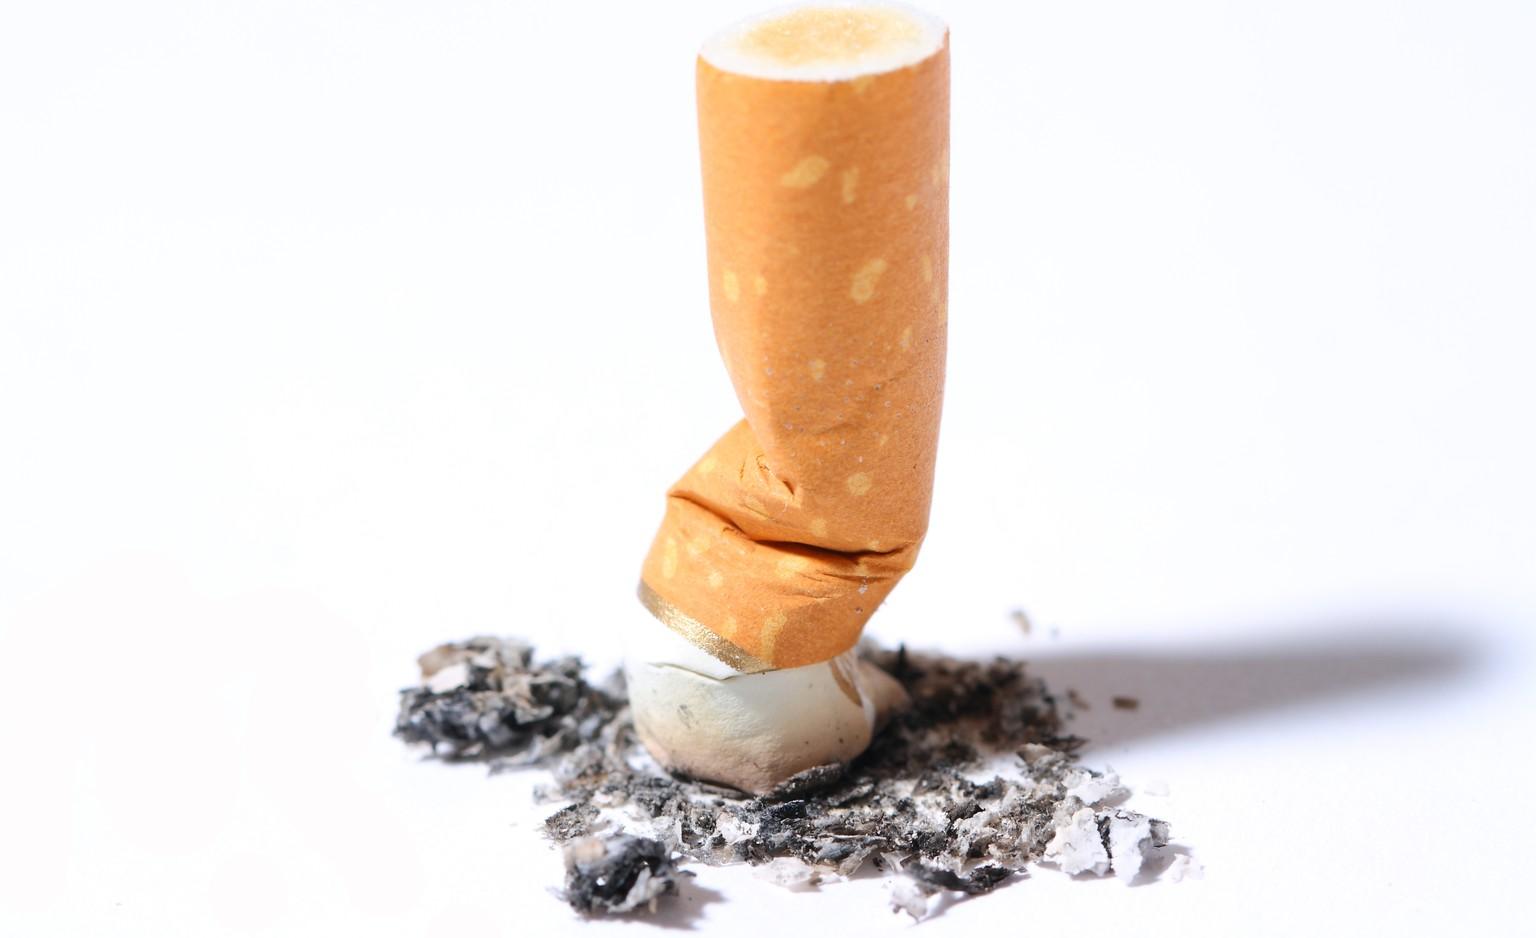 mit dem rauchen aufhören: diese sprüche musst du dir anhören - watson